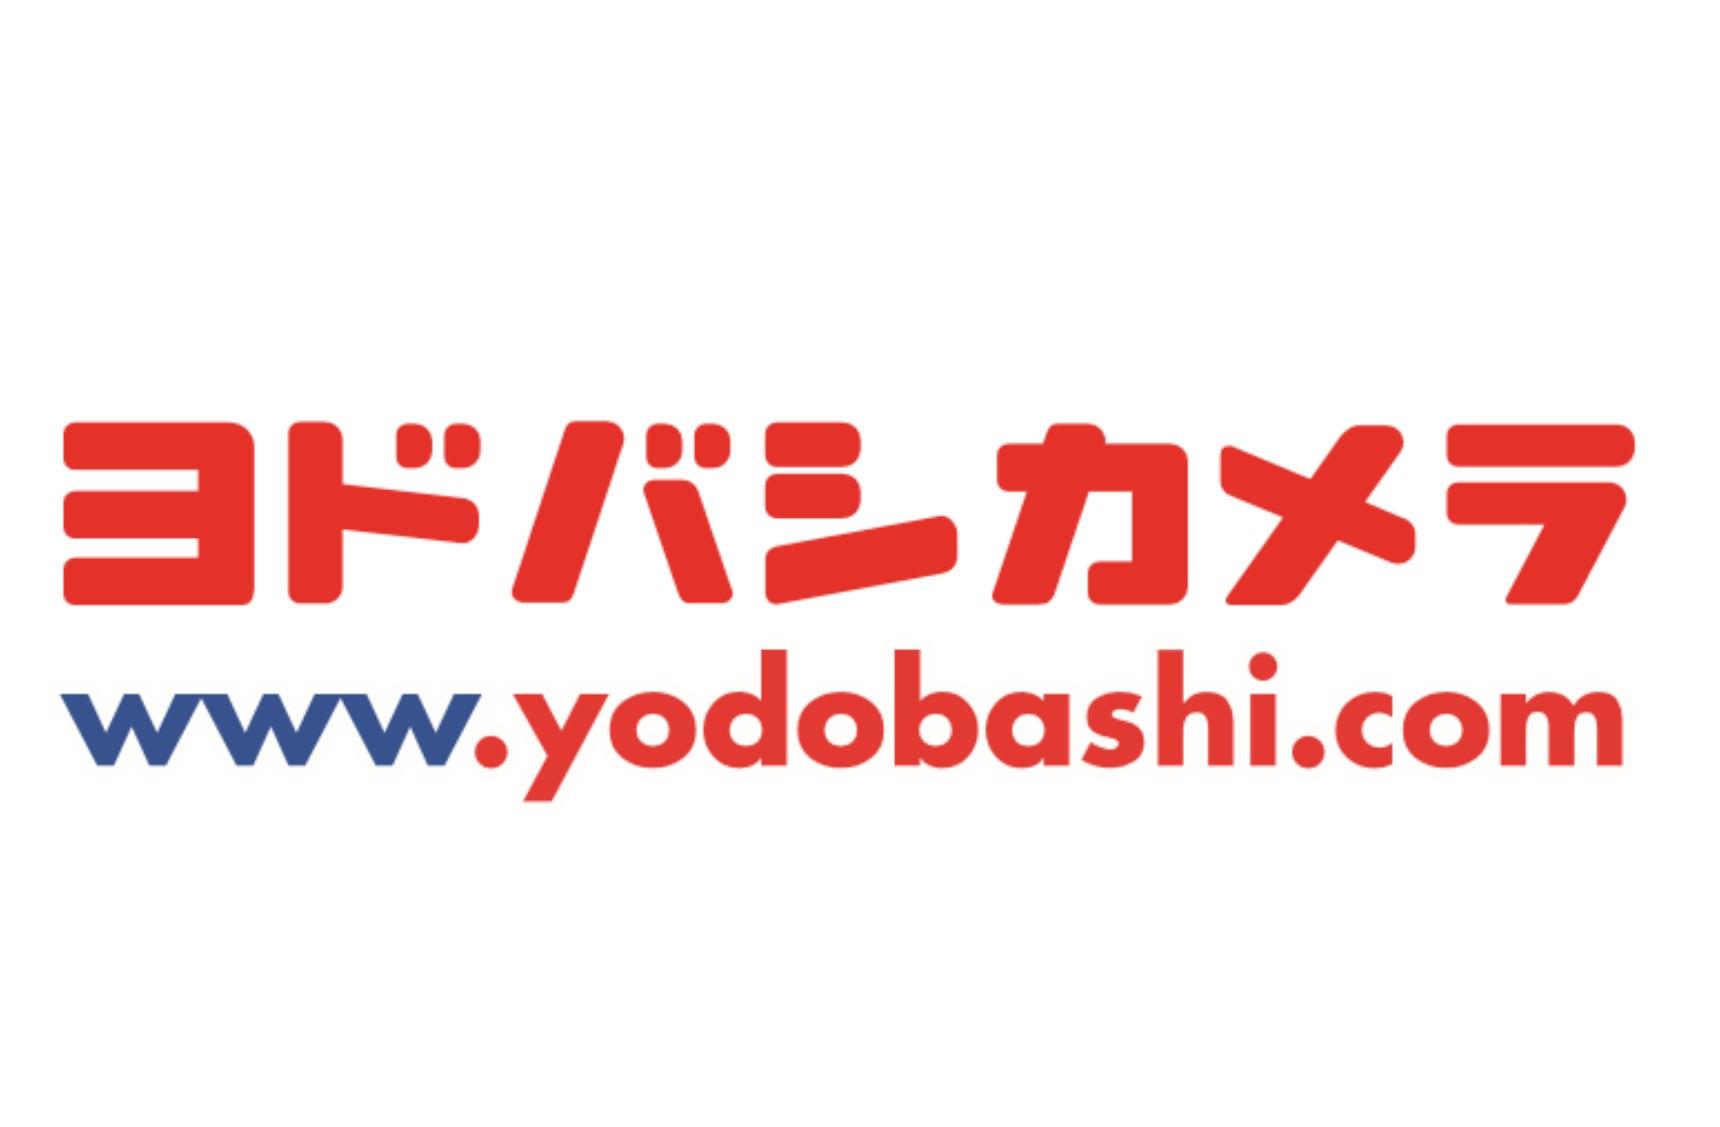 ヨドバシ梅田福袋2020の店舗販売行列は何時から並ぶ?整理券配布・待機場所も